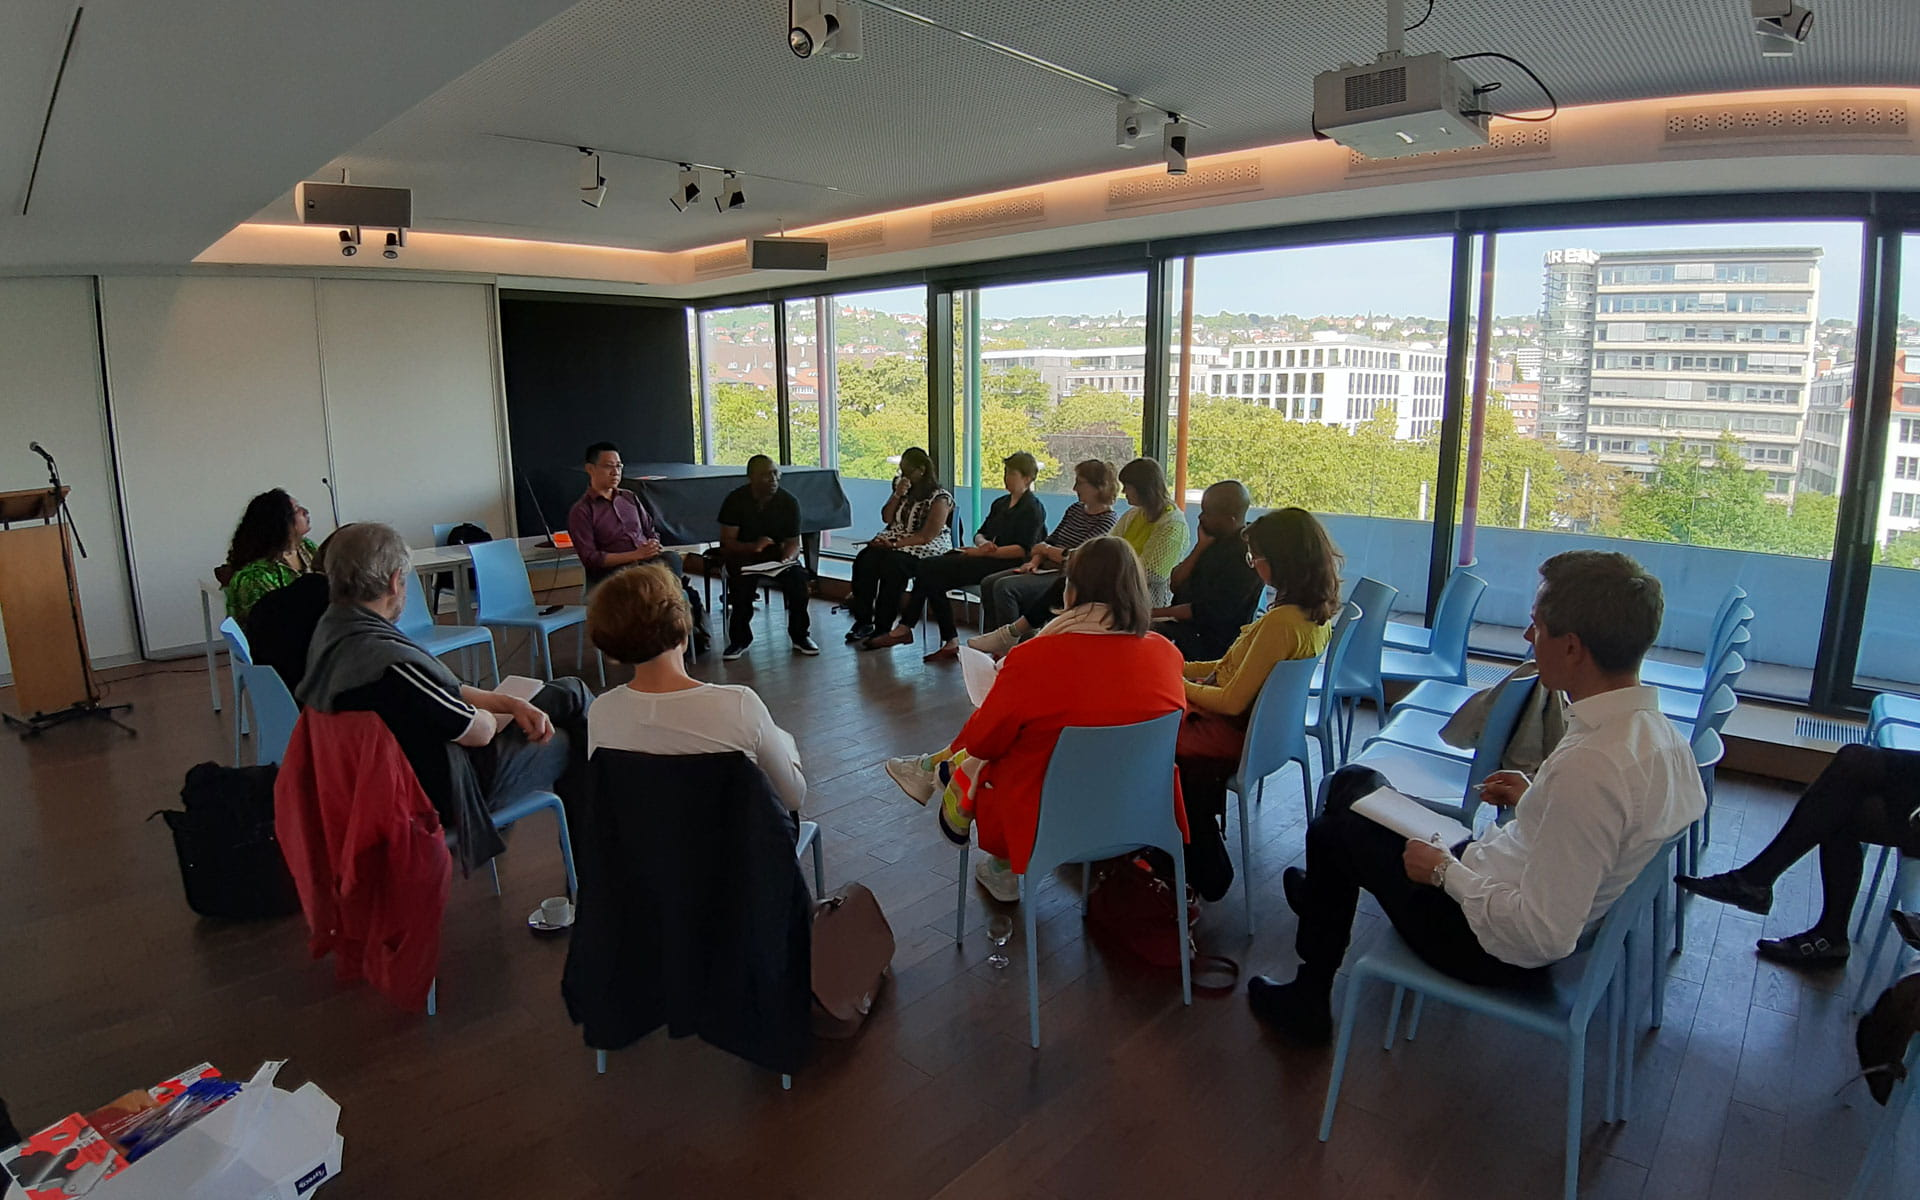 Offene Gesprächsrunden für Wissenschaftler*innen, Denker*innen und Künstler*innen <br/>(c) Lemia Bodden